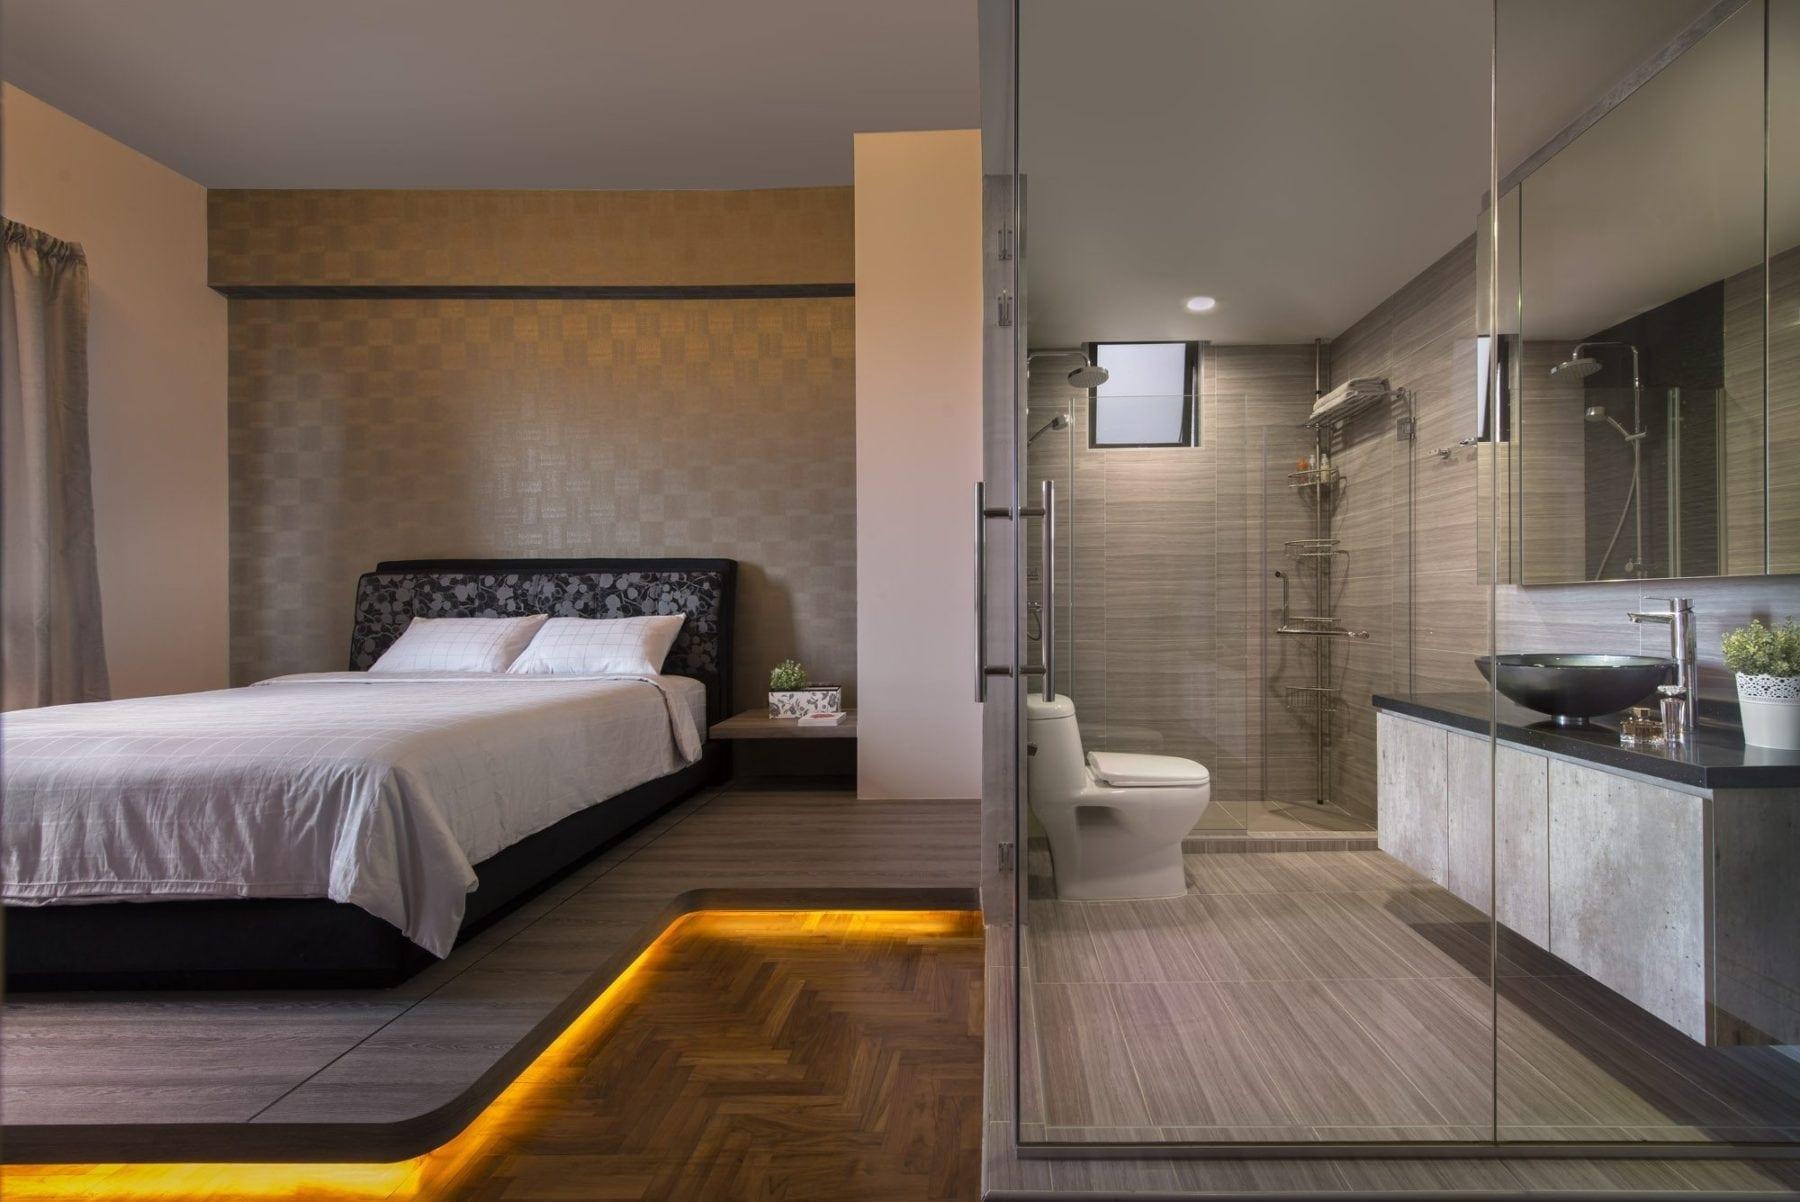 Bathroom Remodel Dallas 5 star kitchen bathroom remodeling services | dallas tx